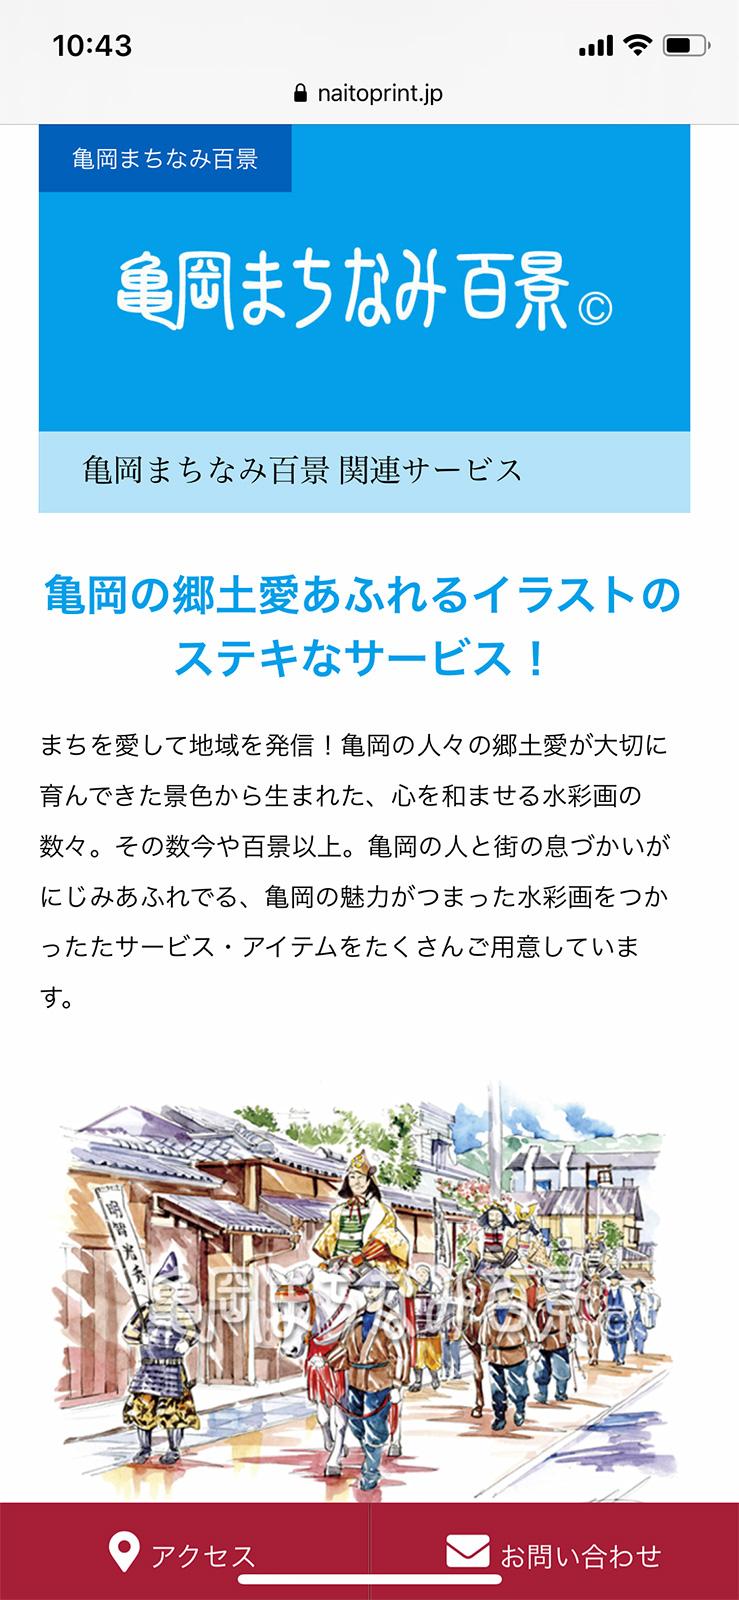 内藤印刷スマホサイト3